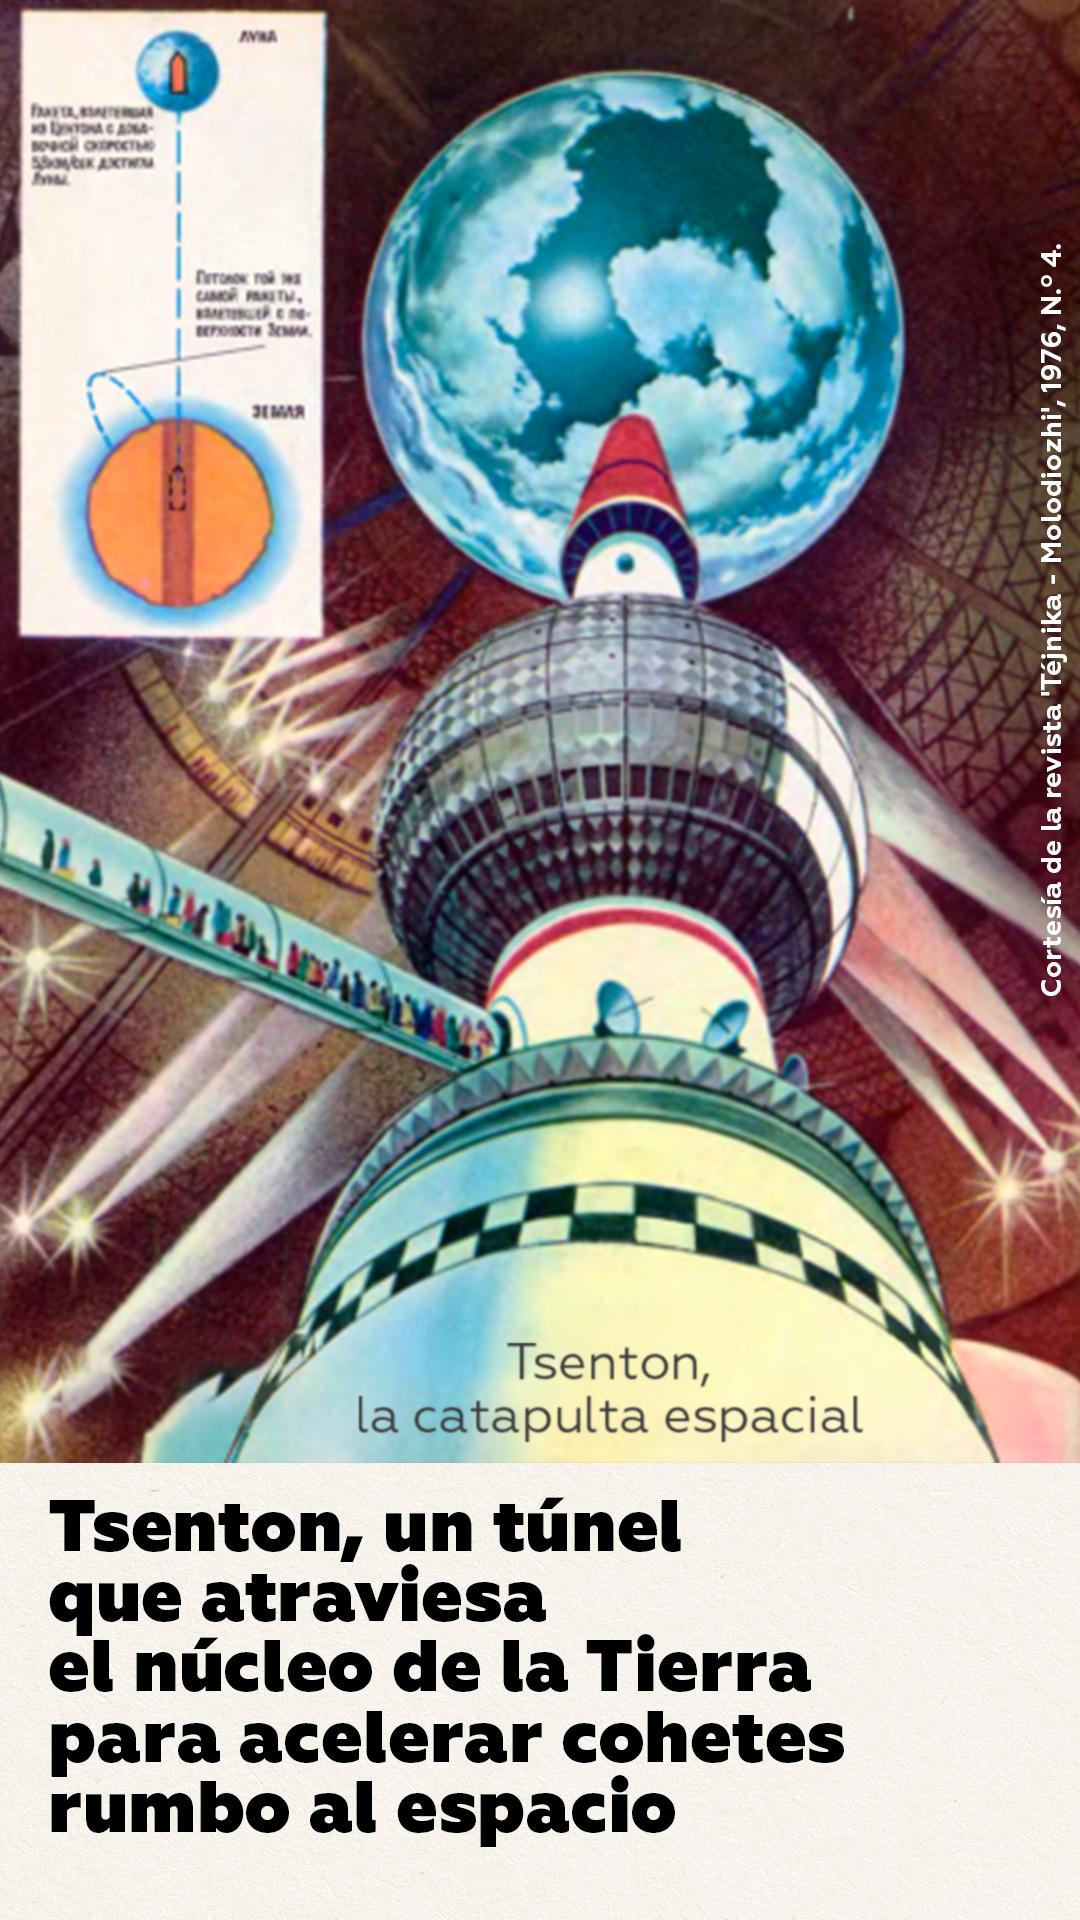 ¿Cómo imaginaron los ilustradores soviéticos el futuro de la colonización del espacio?